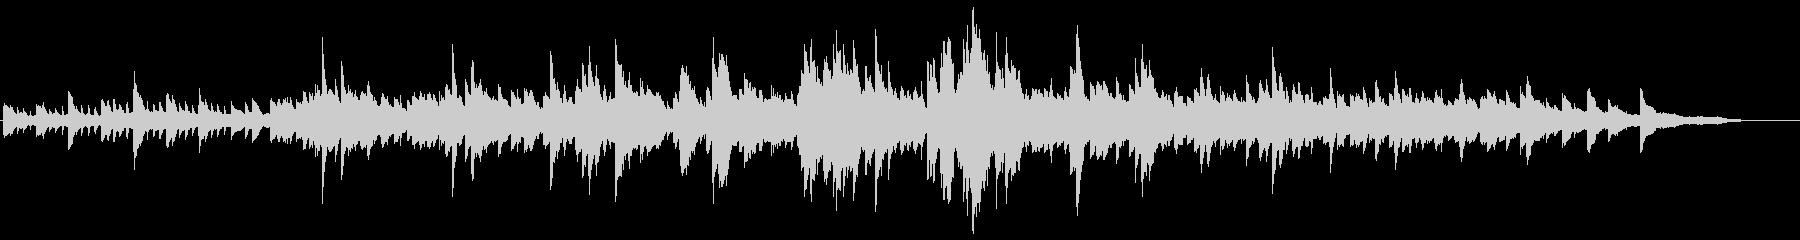 透明感のあるピアノ曲の未再生の波形